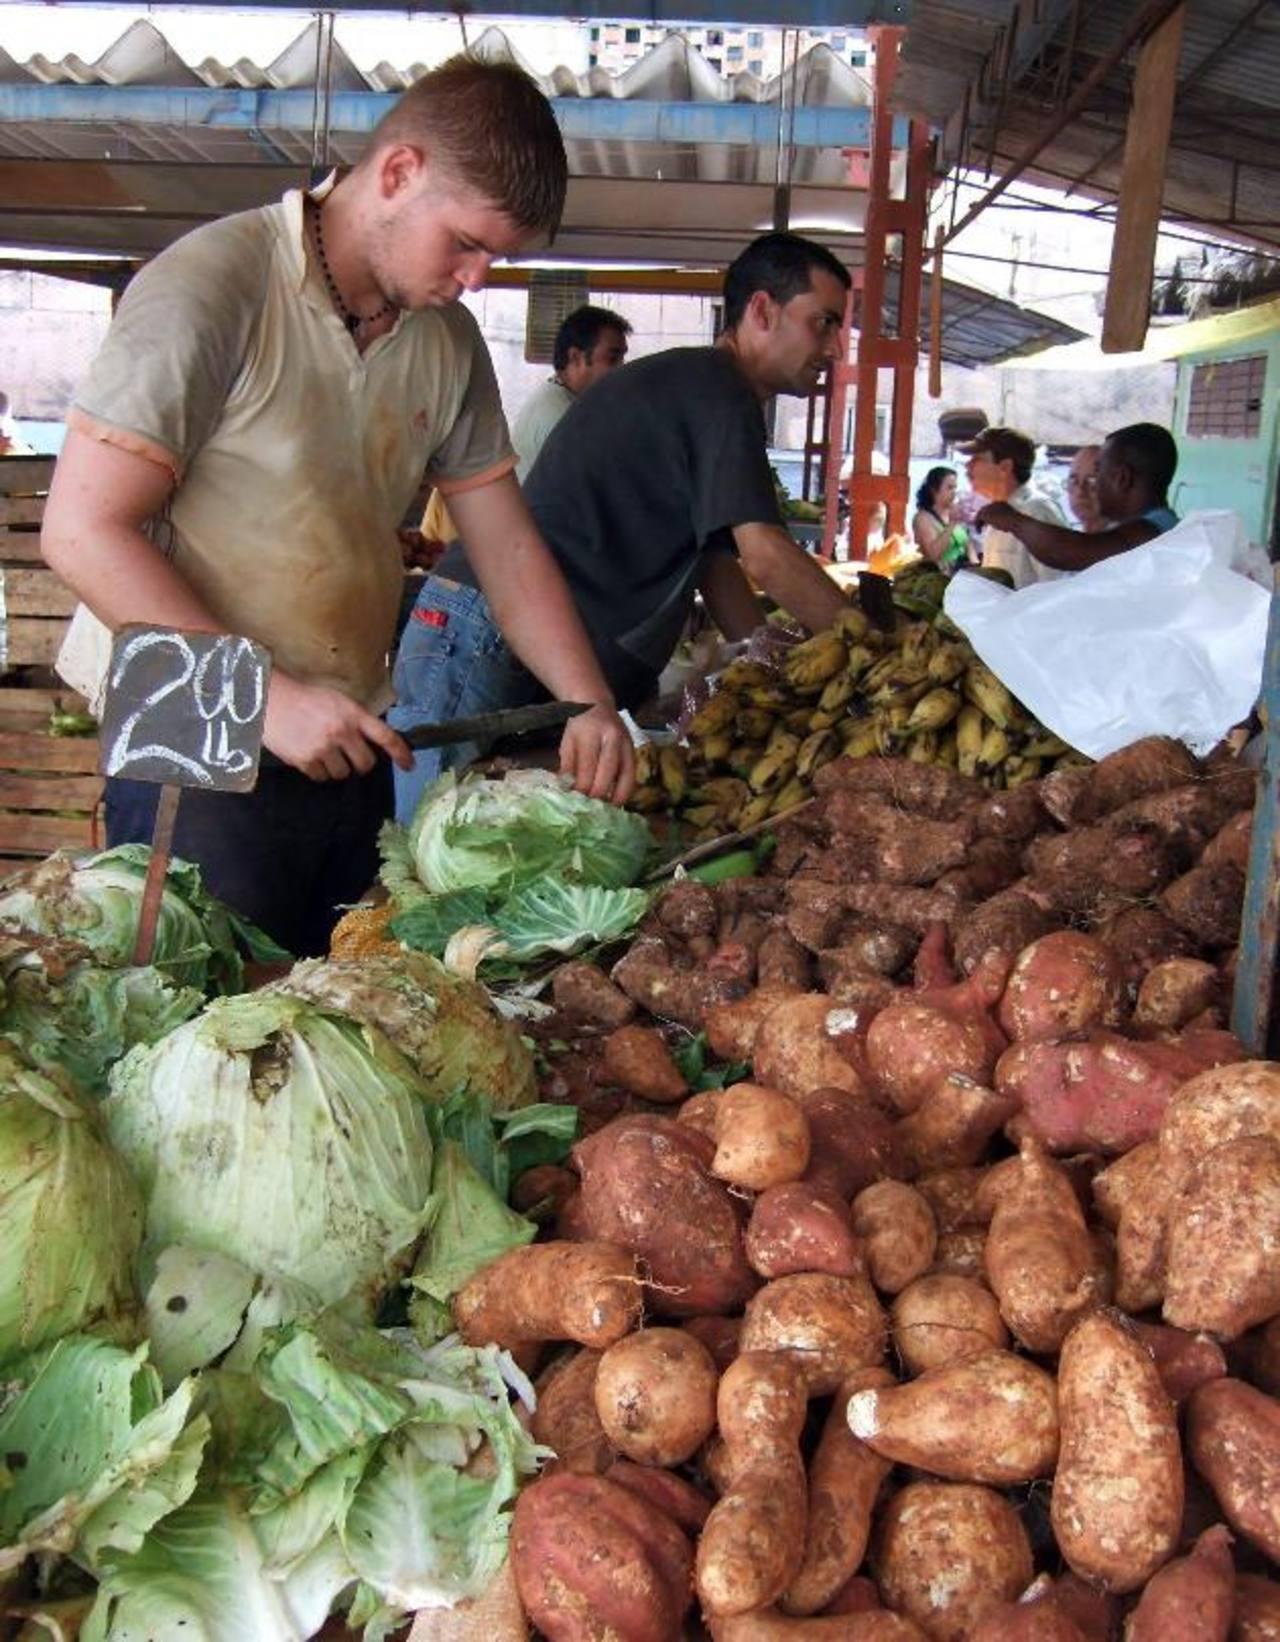 """Los cubanos también trabajan por """"cuenta propia"""" vendiendo alimentos. foto / EFE"""